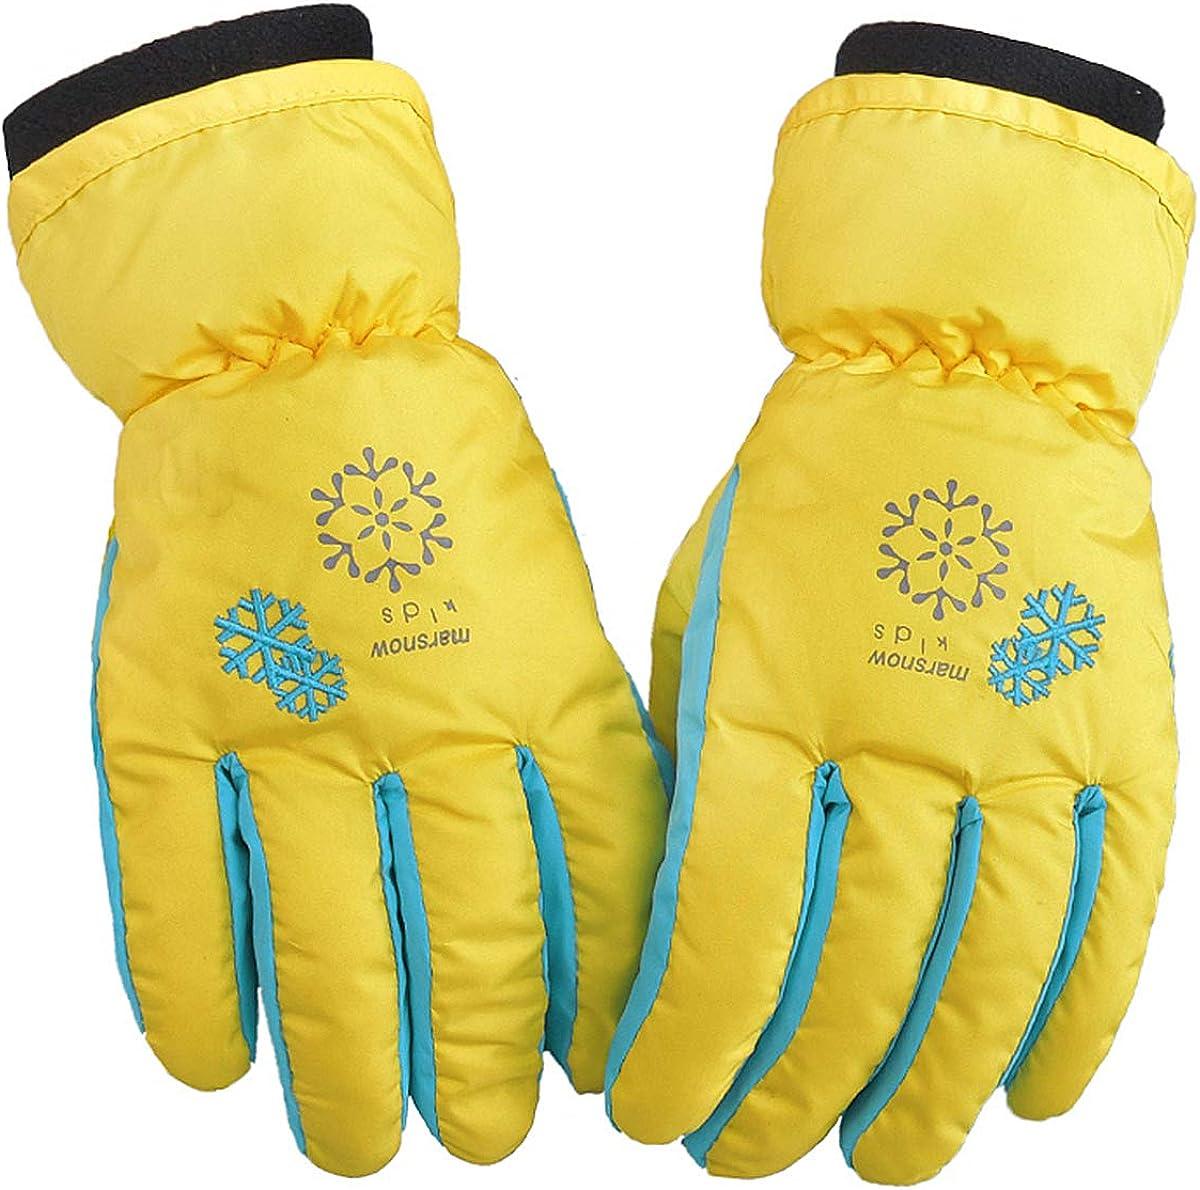 Grau-1 Yellow wang Kinder Skihandschuhe wasserdichte und Winddichte Schneehandschuhe Warme Handschuhe Winterhandschuhe f/ür 6-11 Jahre Jungen M/ädchen Skifahren Wandern Radfahren